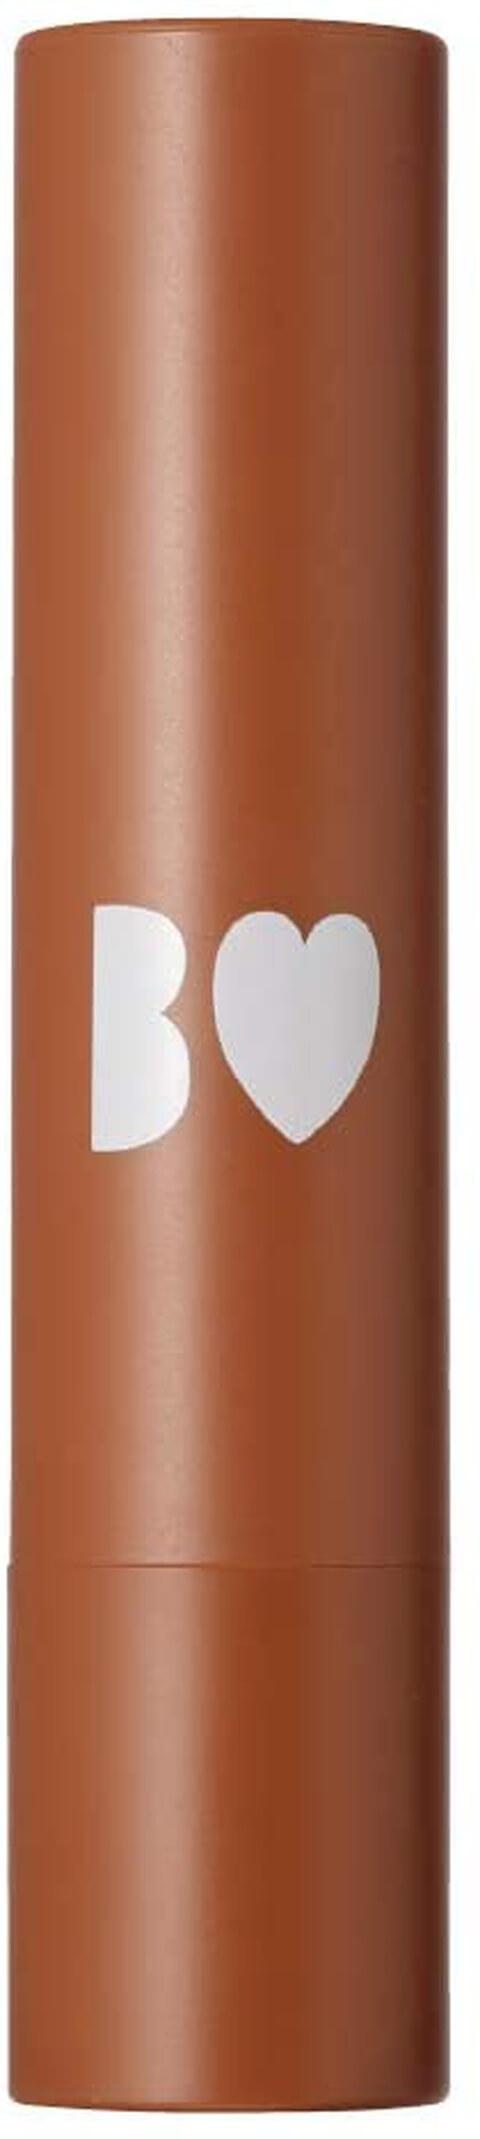 無敵テラコッタ あかりん リップ bidol ビーアイドル 人気色 ピンク 色持ち 新色 ブルベ イエベ パーソナルカラー